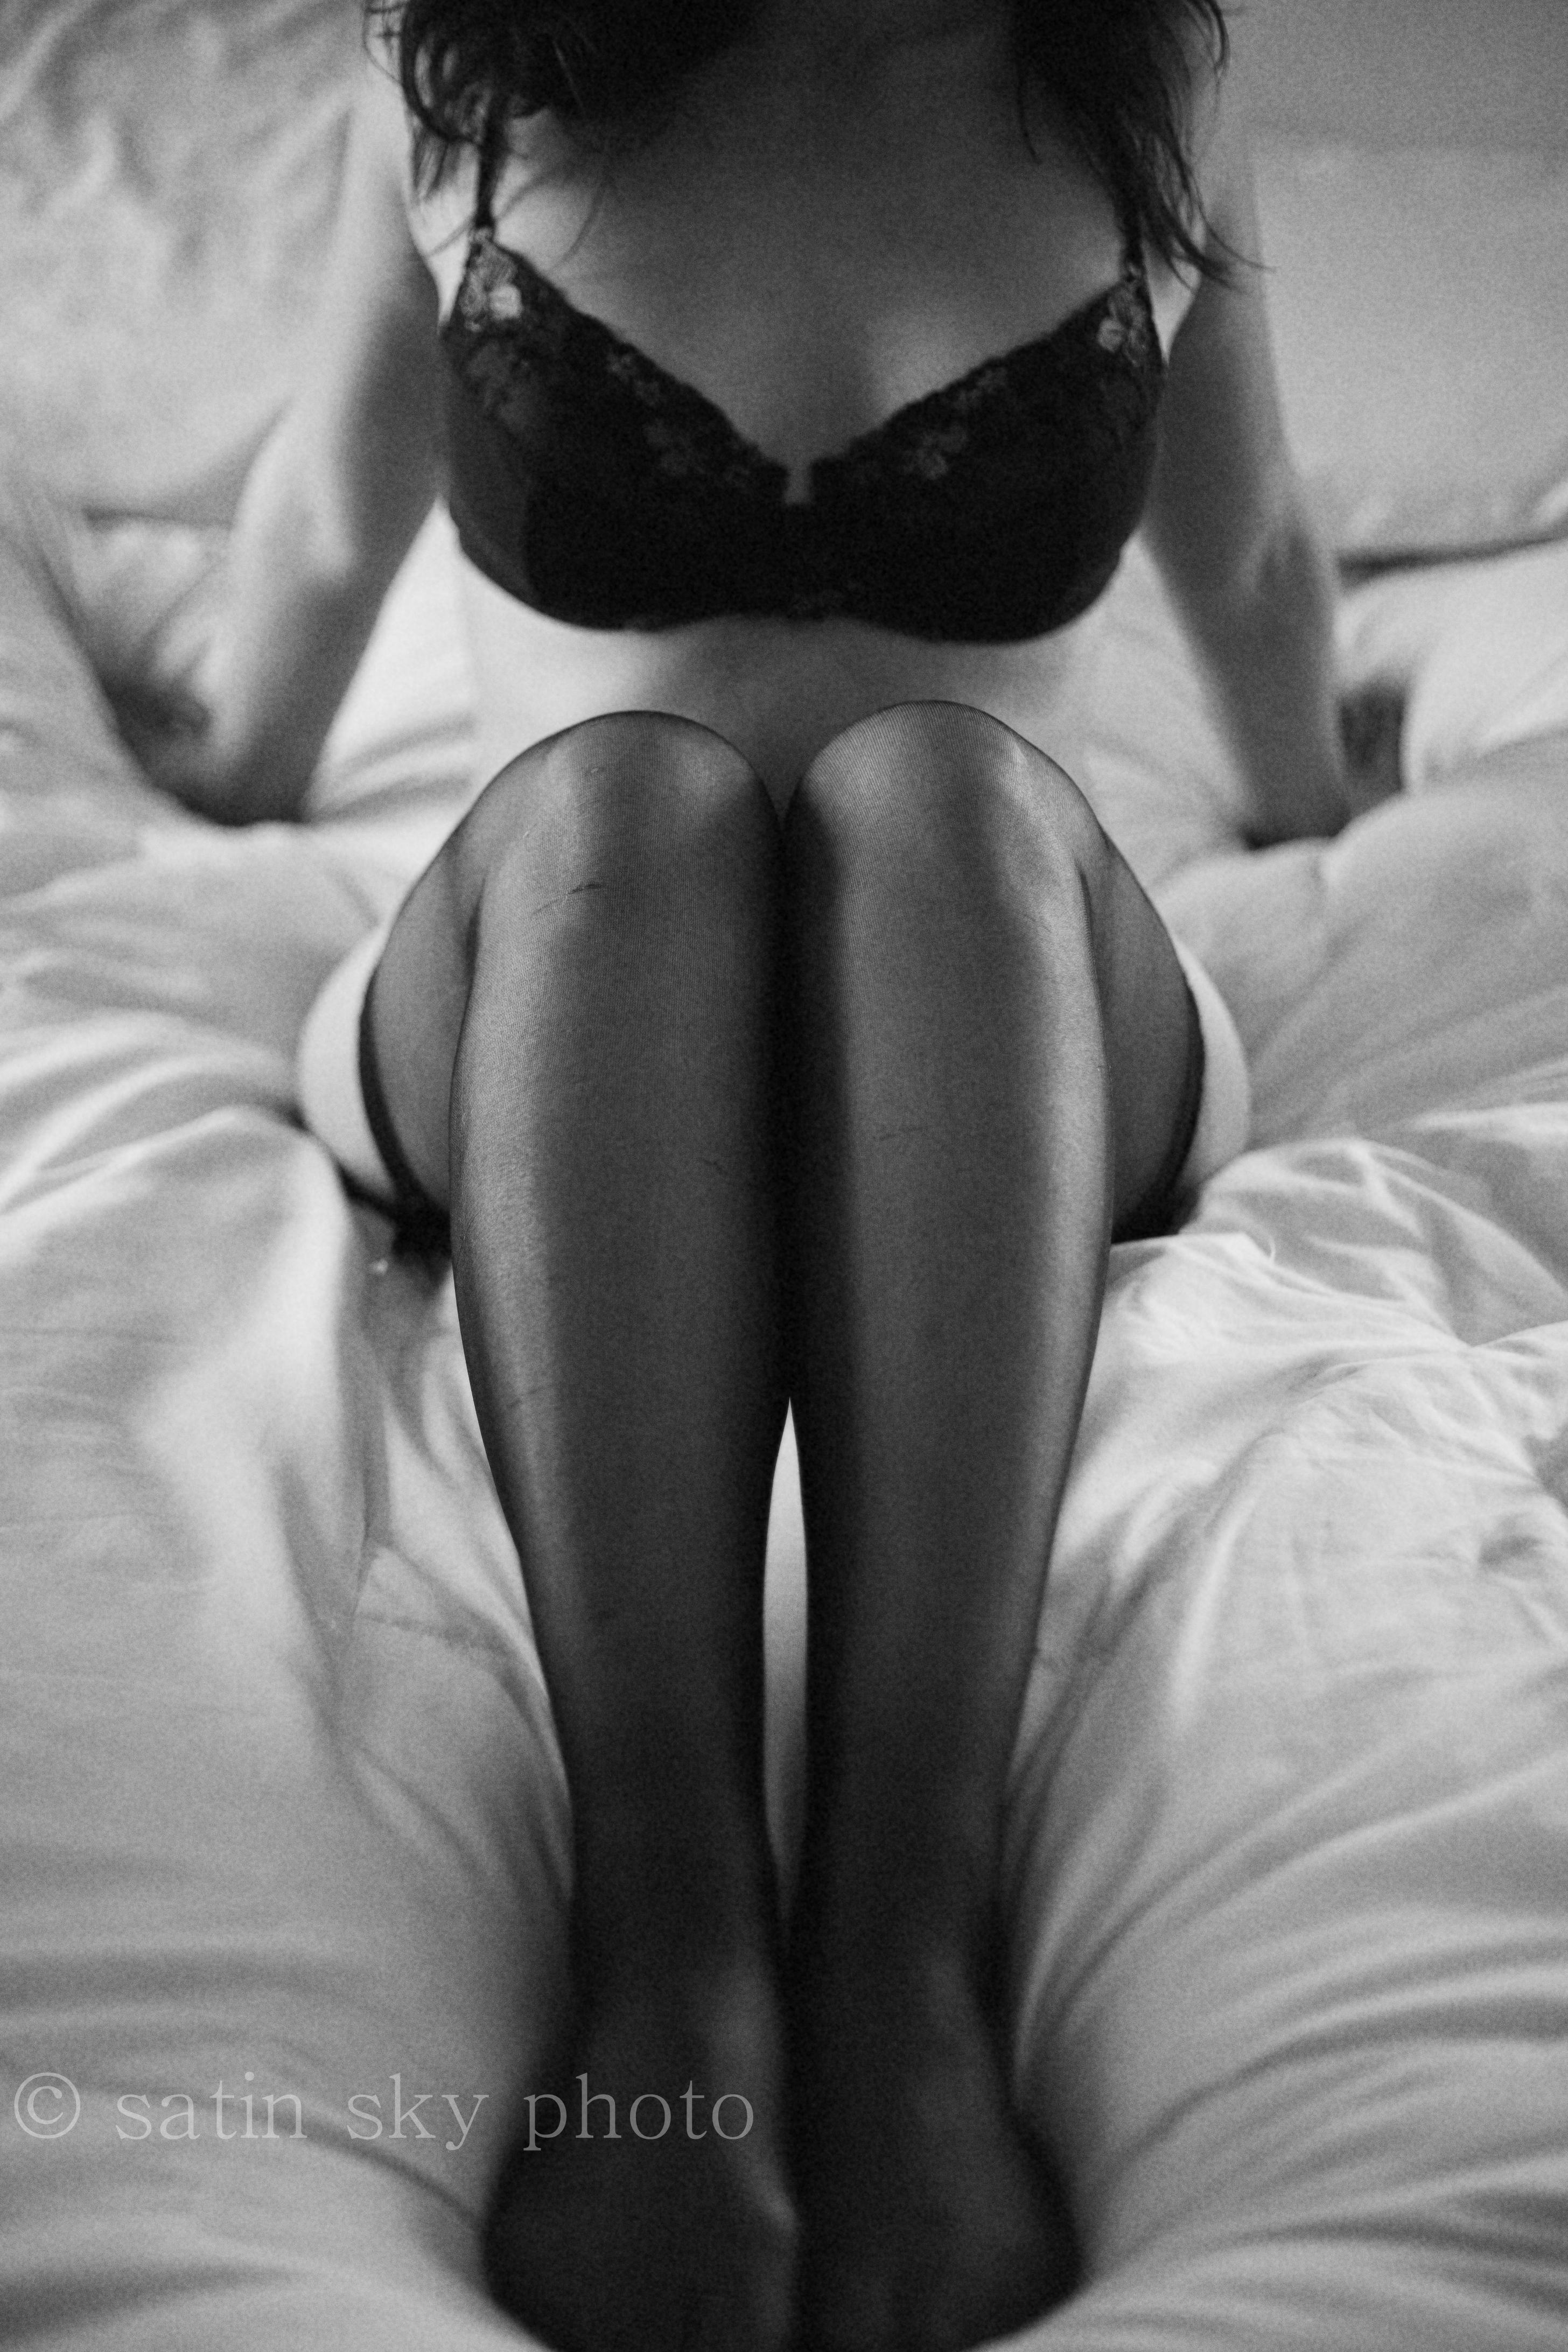 Xxx amatuer maid sex